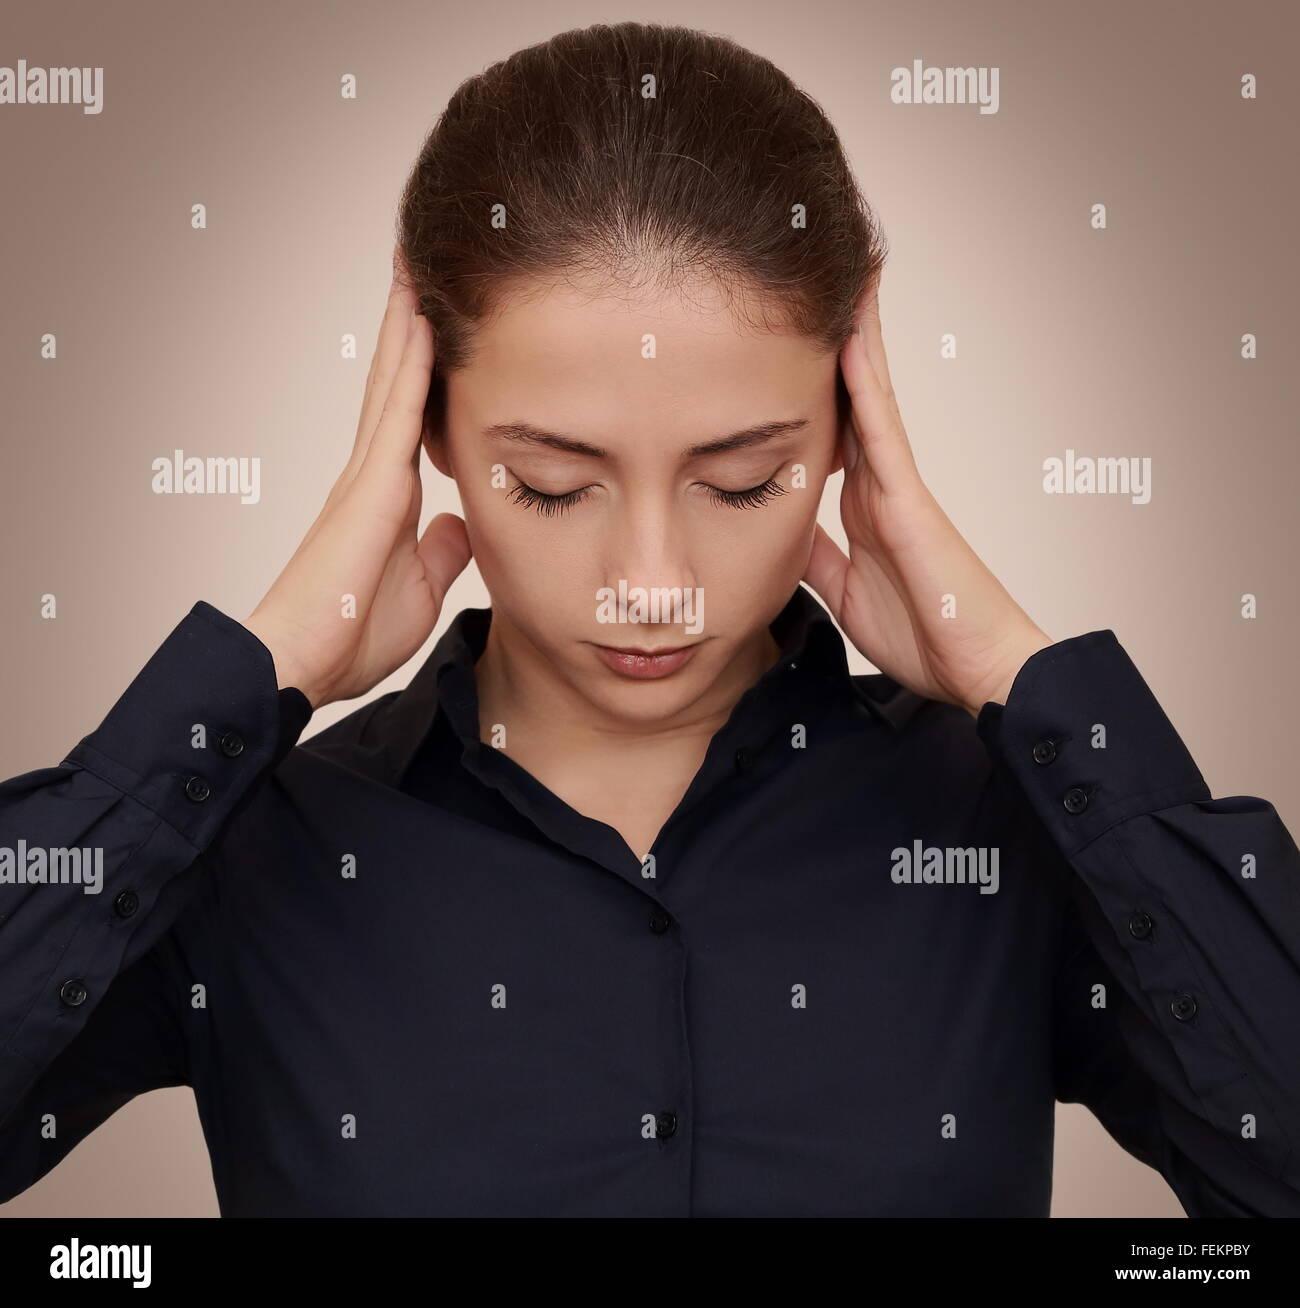 Geschäftsfrau Denken schwer mit Konzentration auf dunklem Hintergrund Hände Kopf haltend Stockbild